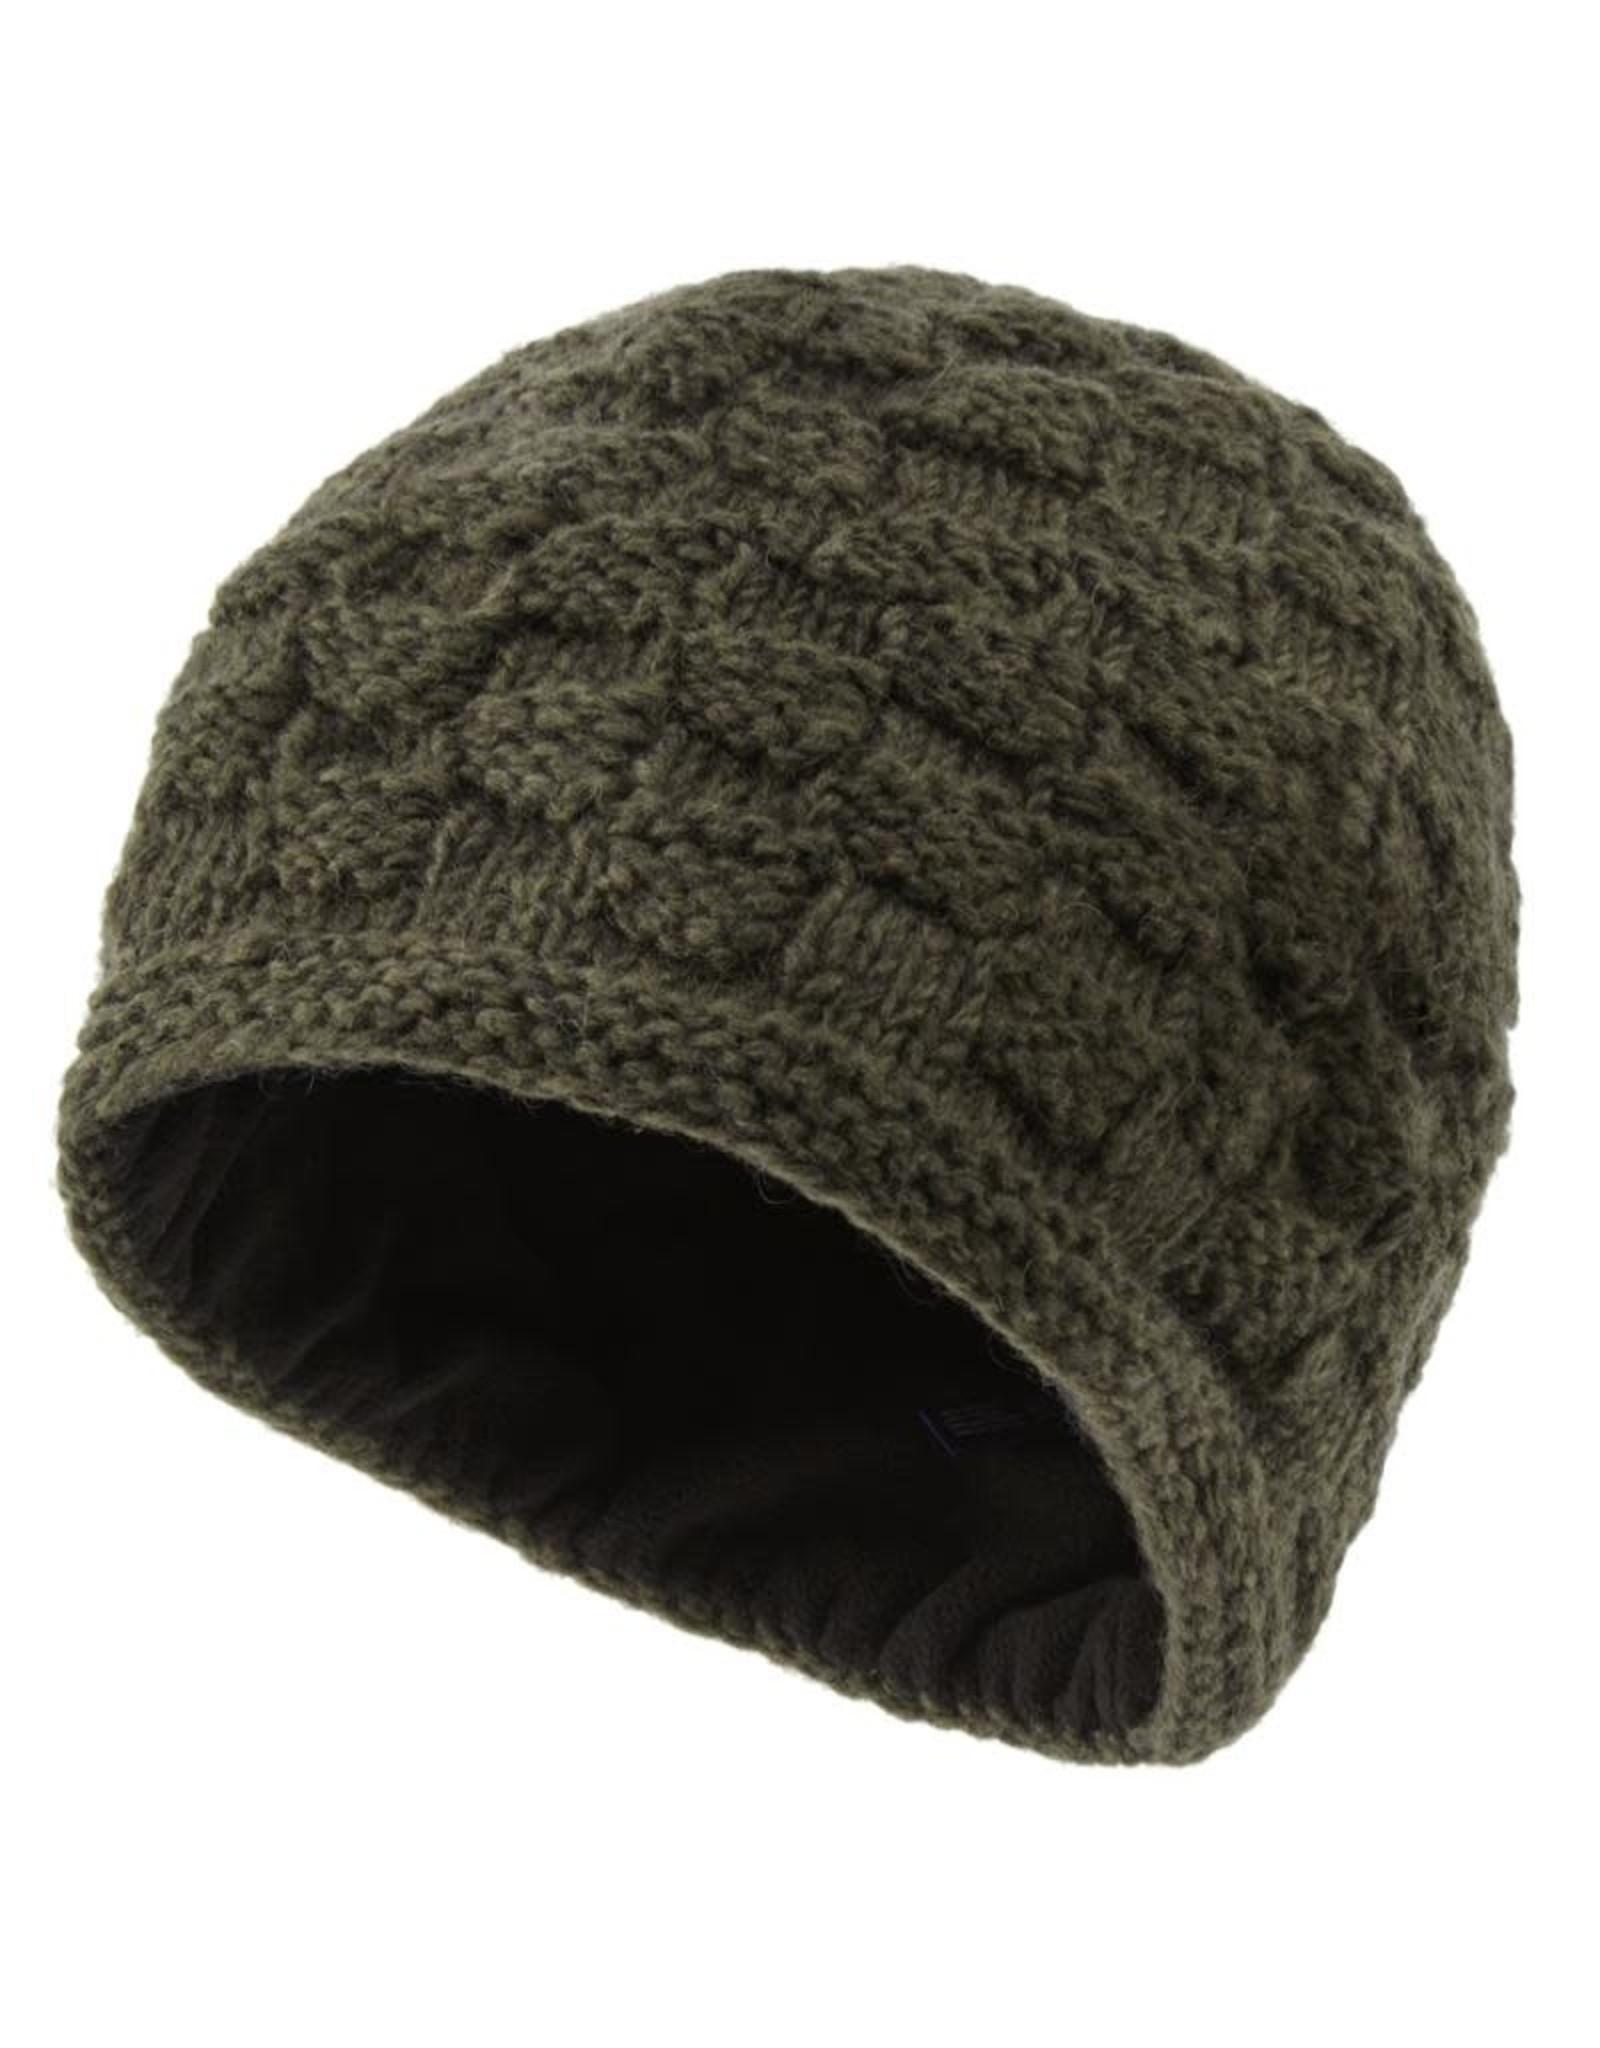 Sherpa Adventure Gear Ilam Hat